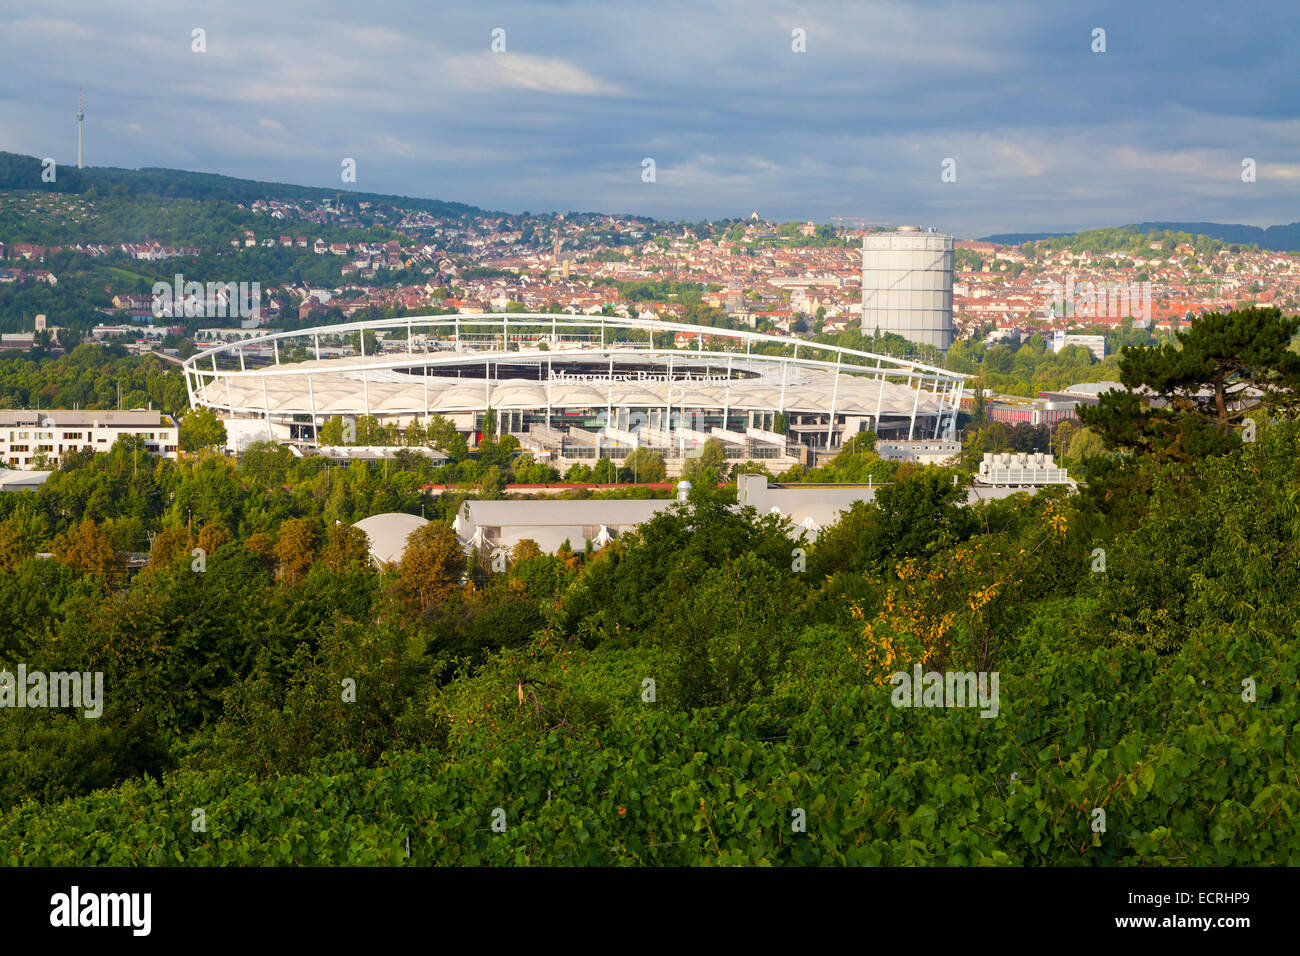 THE MERCEDES-BENZ ARENA, FOOTBALL STADIUM OF THE VFB STUTTGART, BAD CANNSTATT, STUTTGART, BADEN-WURTTEMBERG, GERMANY - Stock Image